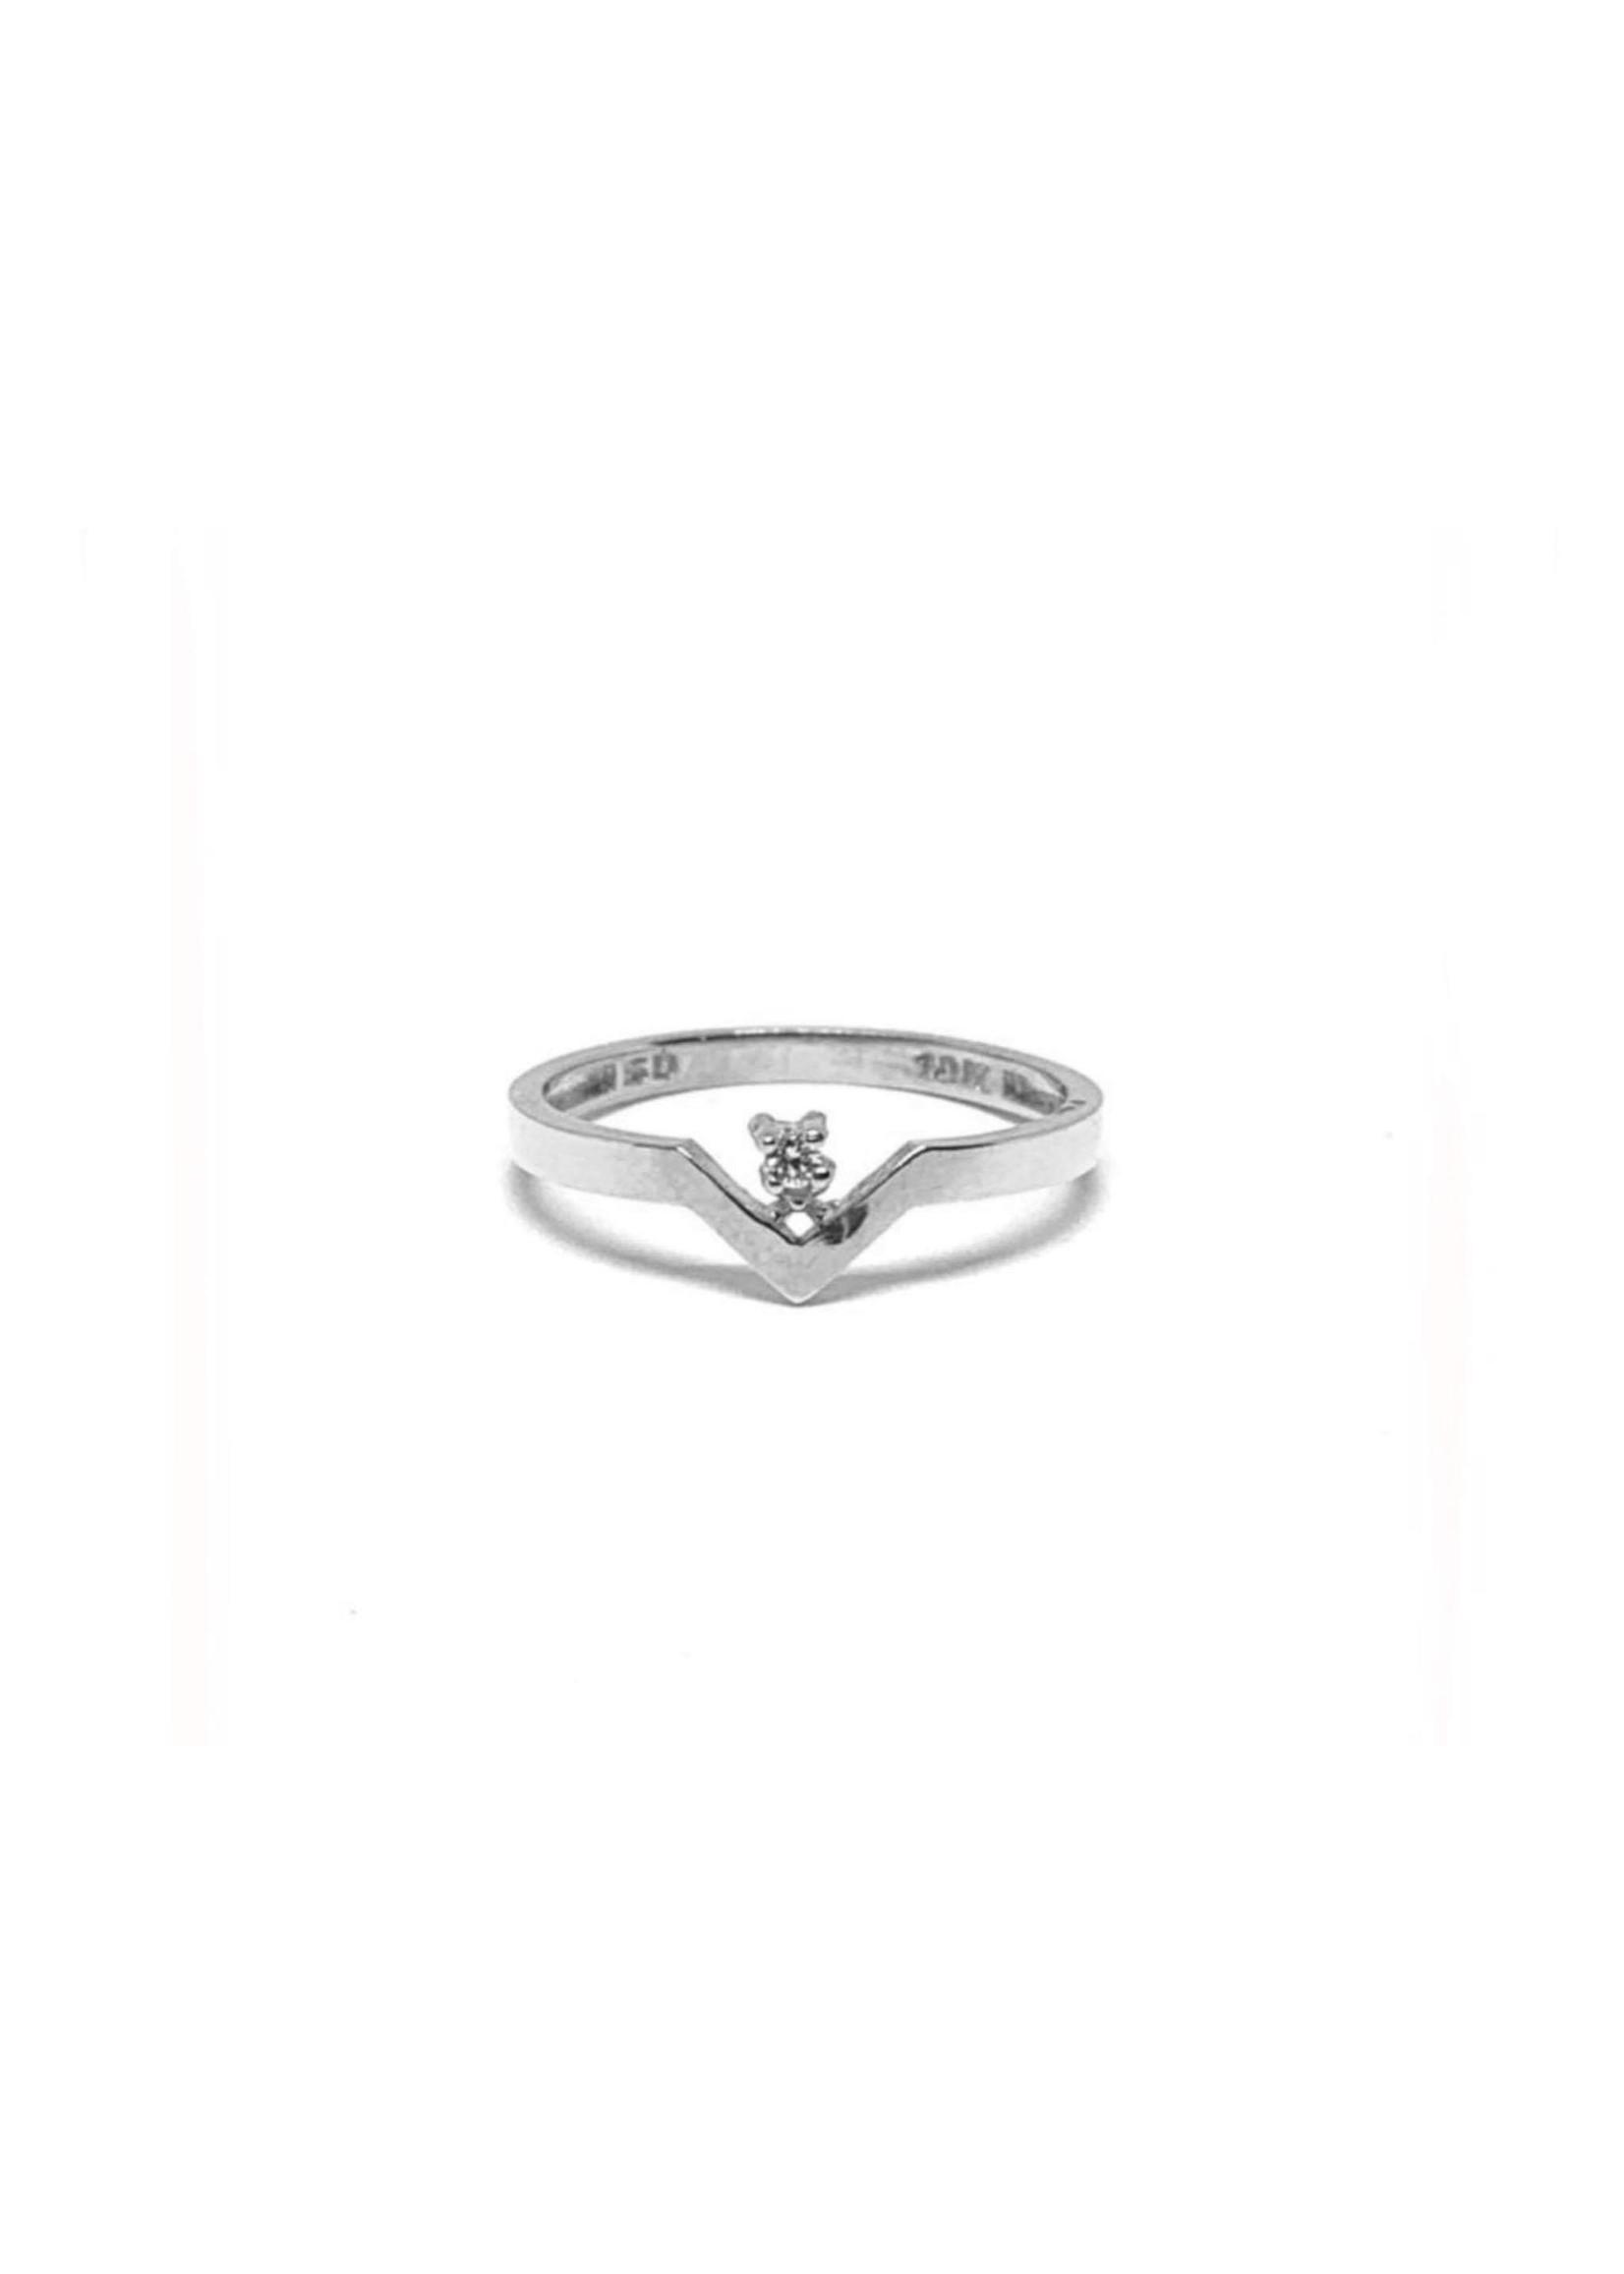 LokÜs Bague « Chevron » Or 10K avec diamant canadien